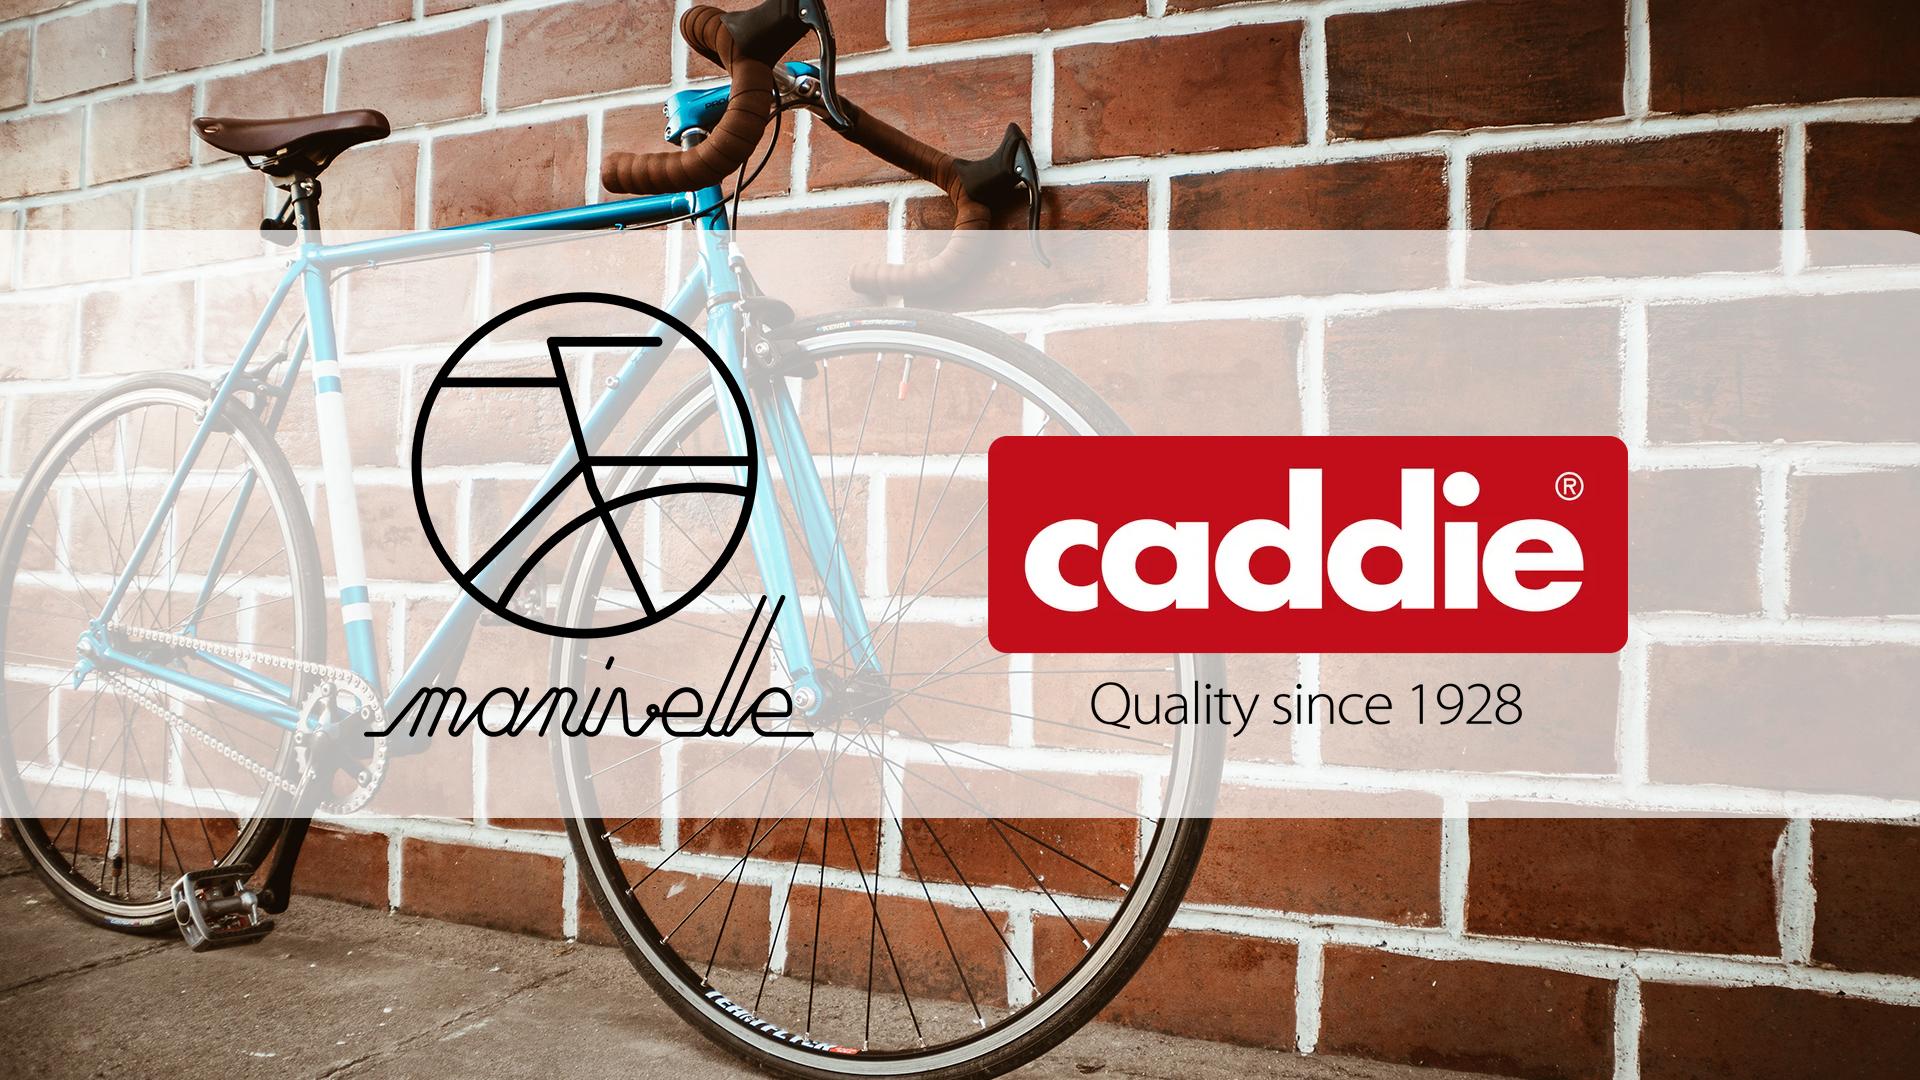 caddie-mannivelle